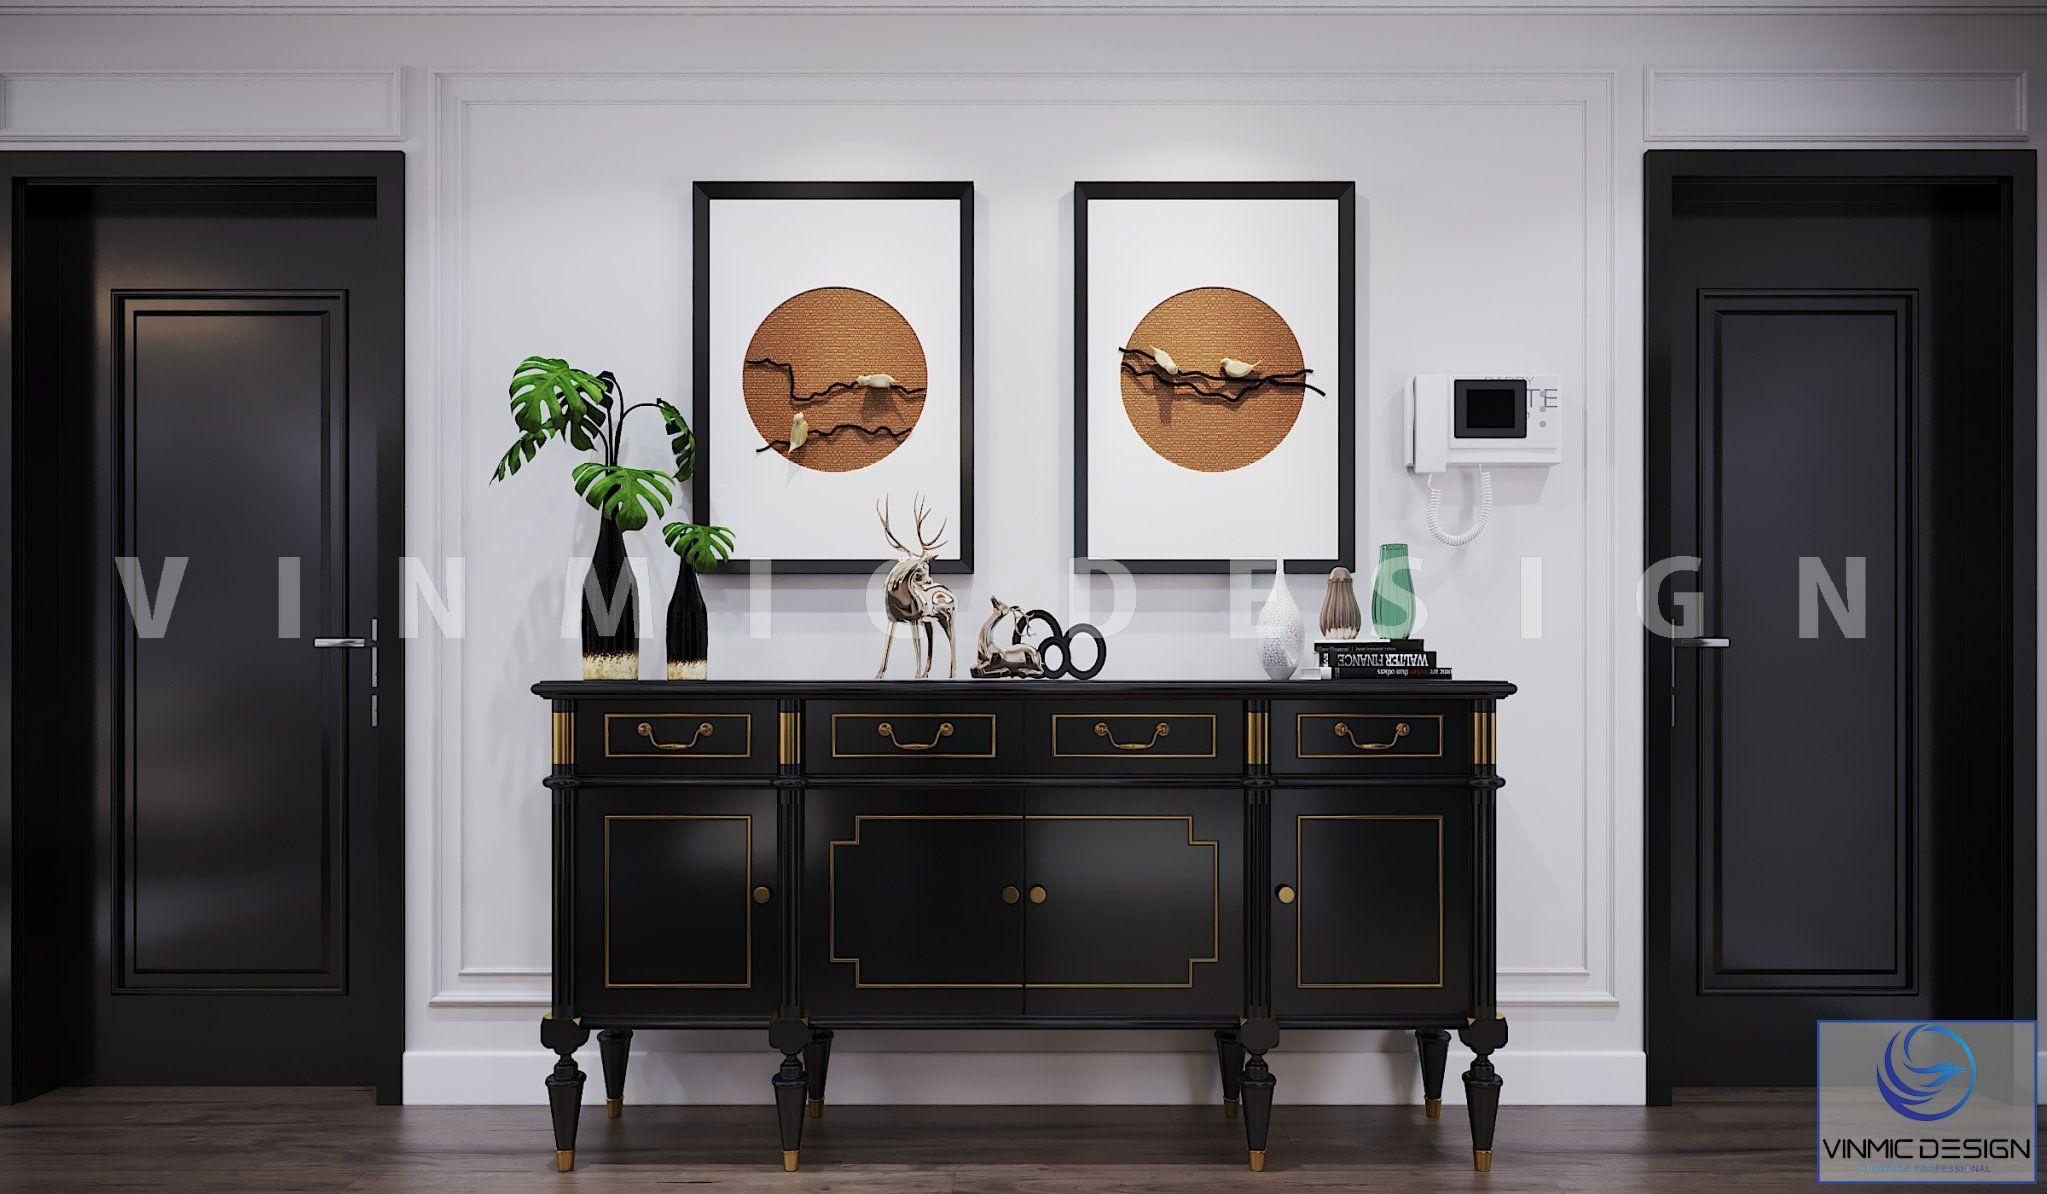 Tủ trang trí với các đường nét đẹp mang phong cách Indochine (Á Đông) đẹp tại chung cư Vinhomes Metropolis